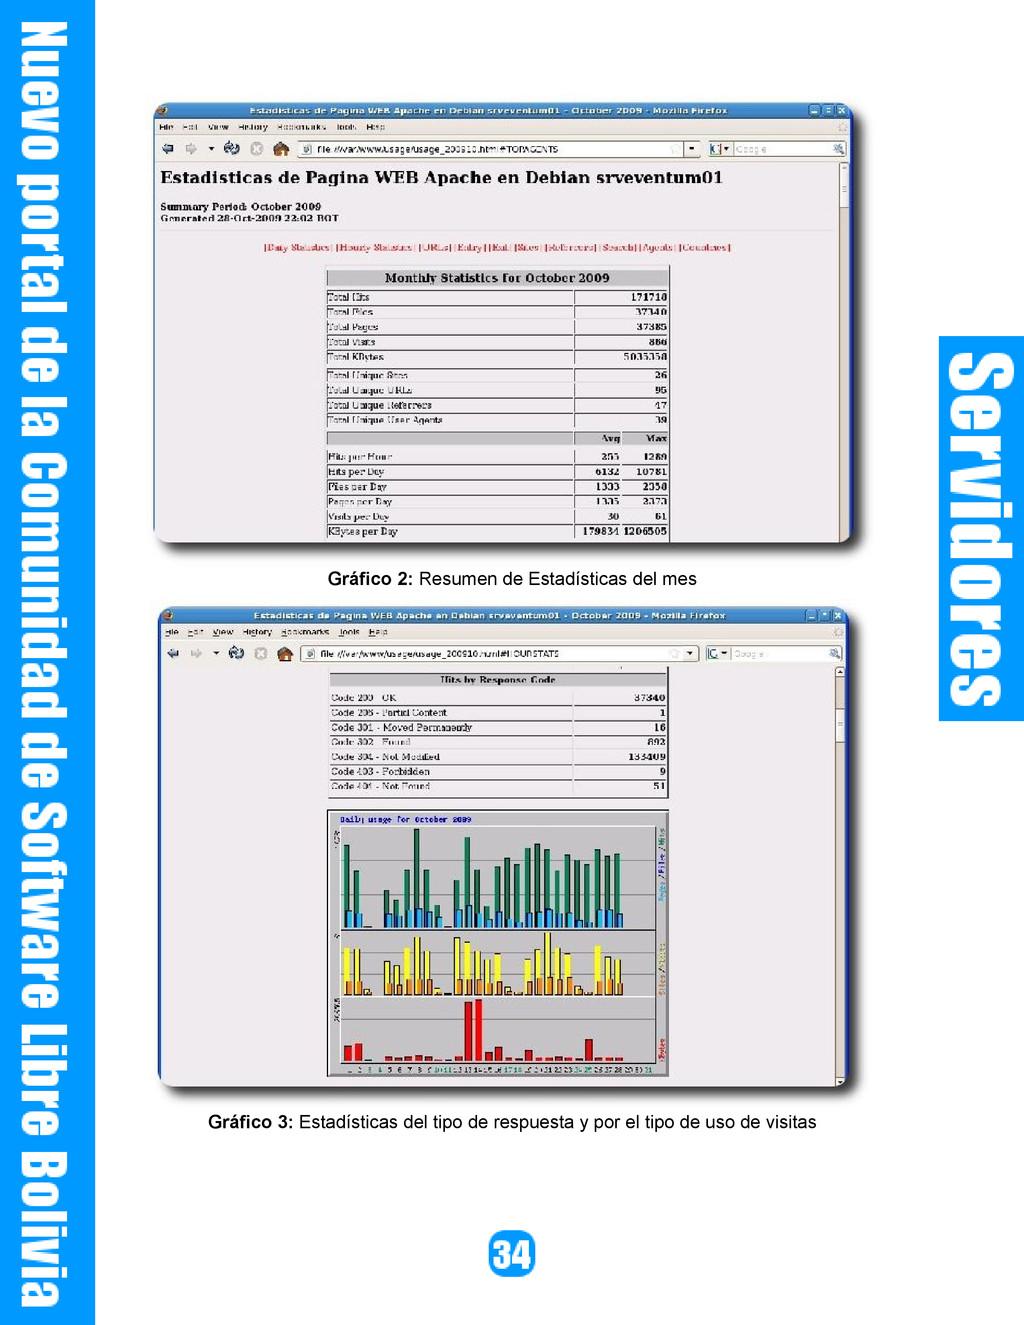 Gráfico 2: Resumen de Estadísticas del mes Gráf...